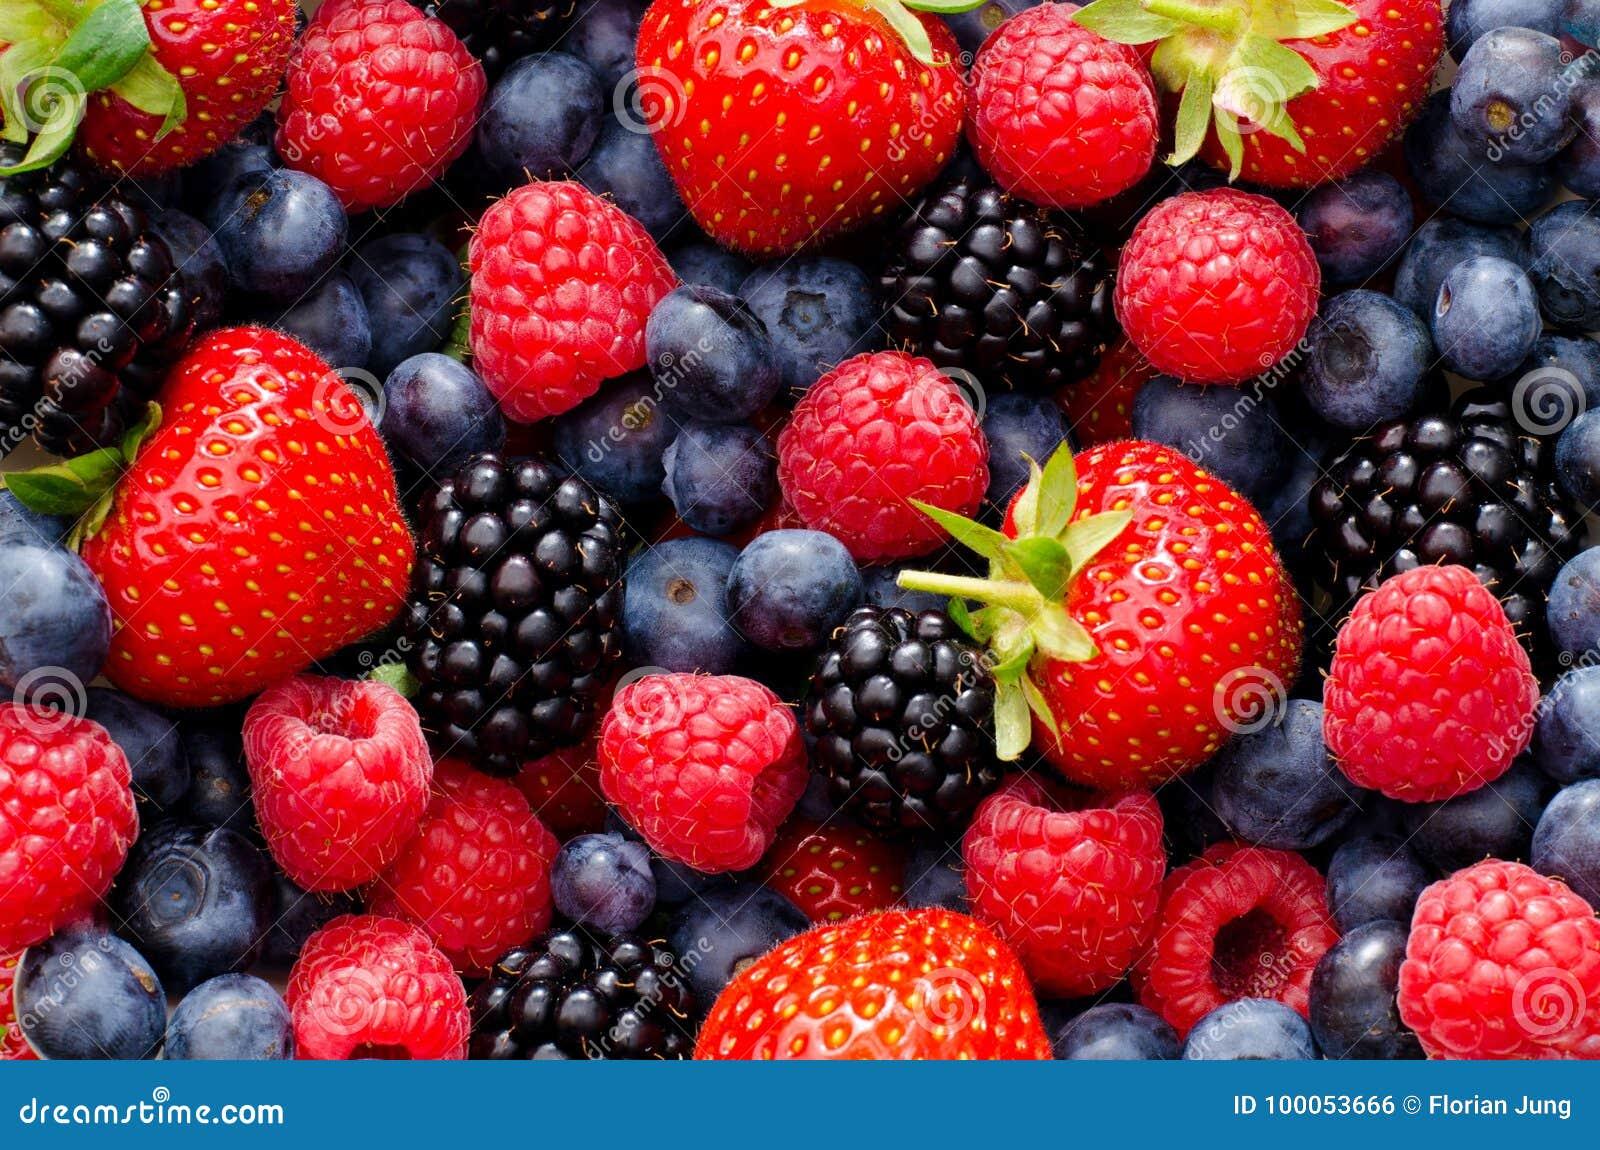 Closeup photo of wild berries strawberries, raspberries, blackberries, blueberries